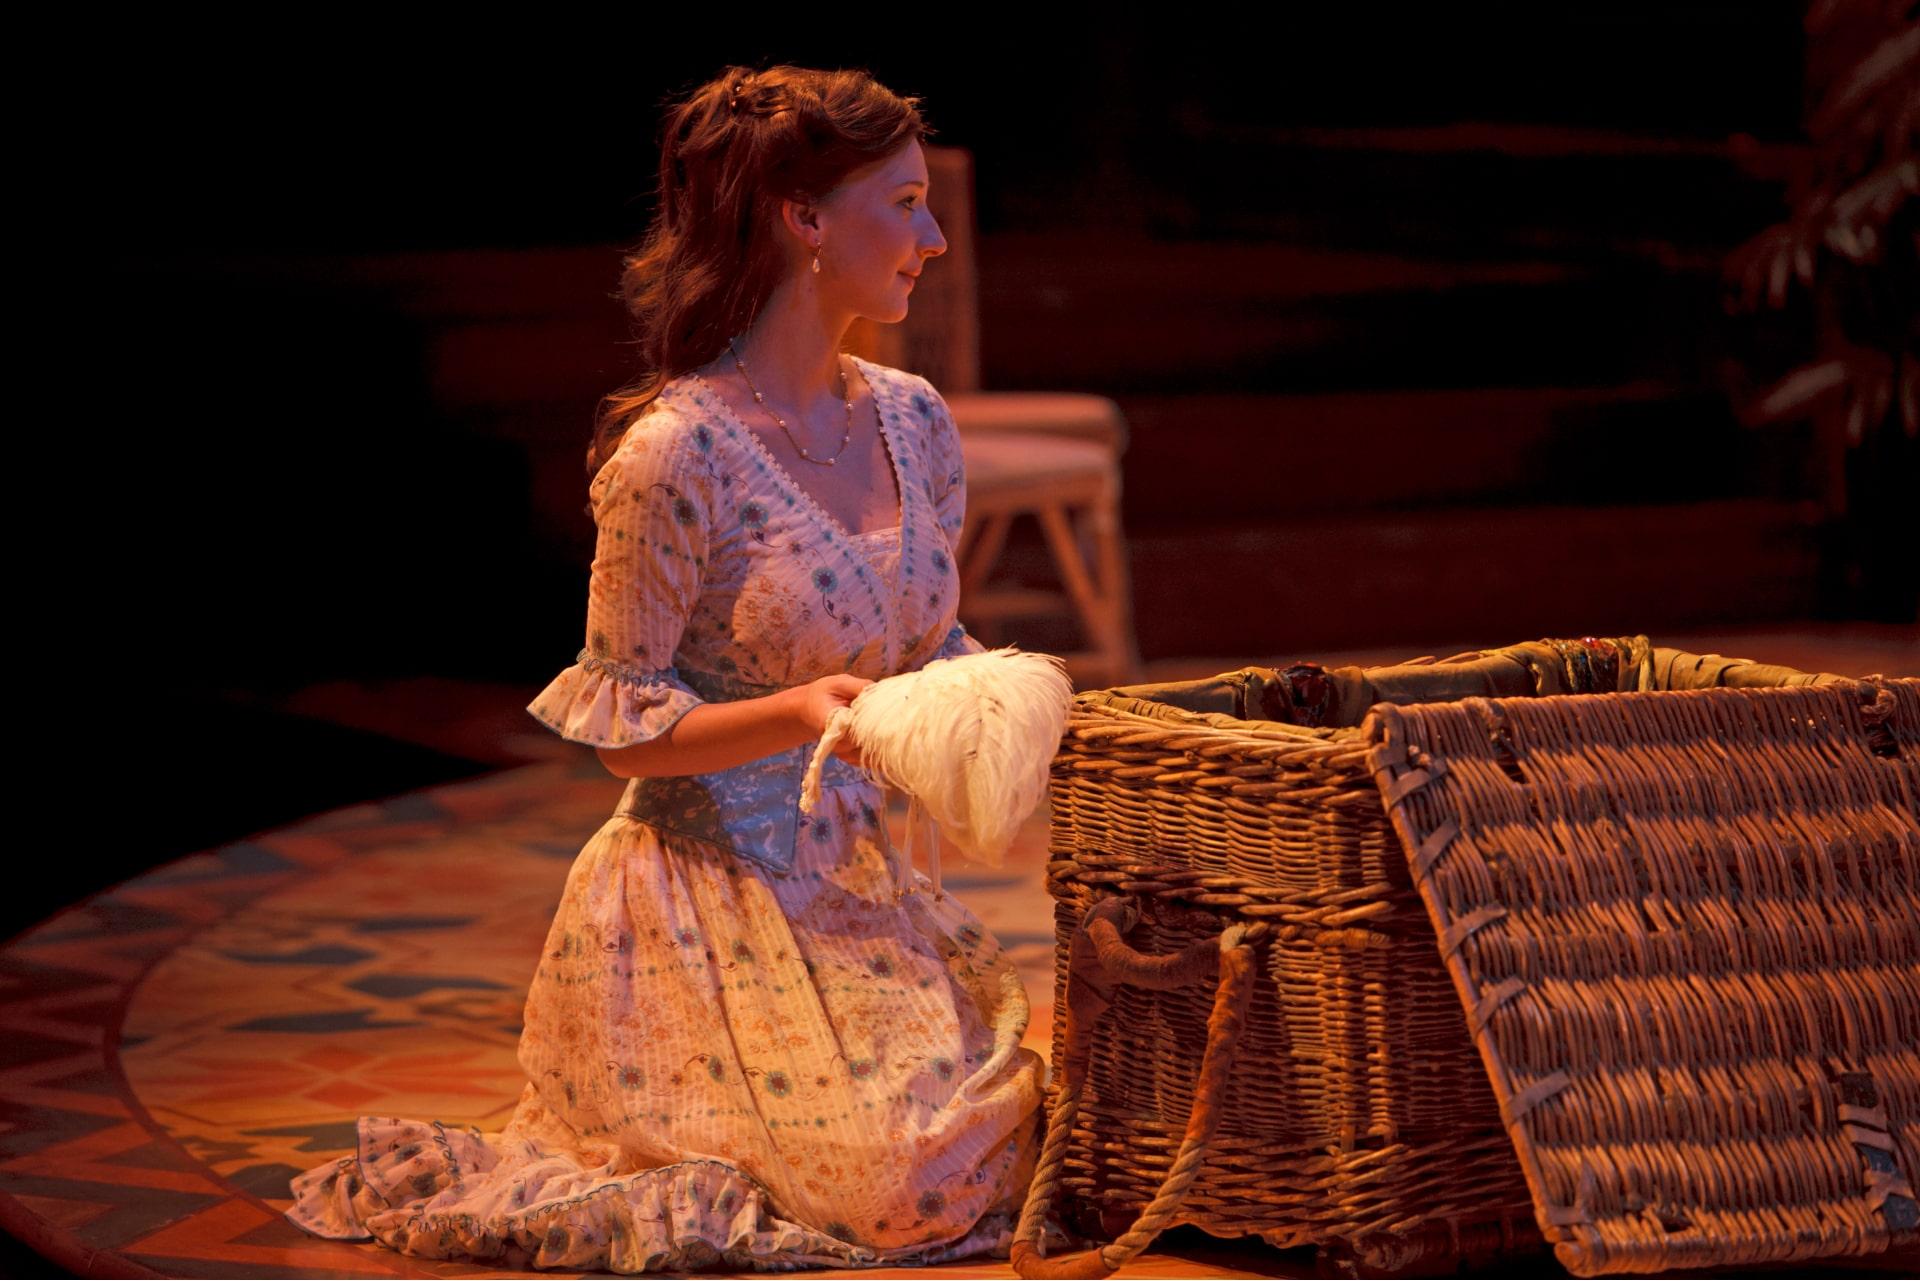 Kneeling woman unpacks wicker hamper bathed in warm sunlight,